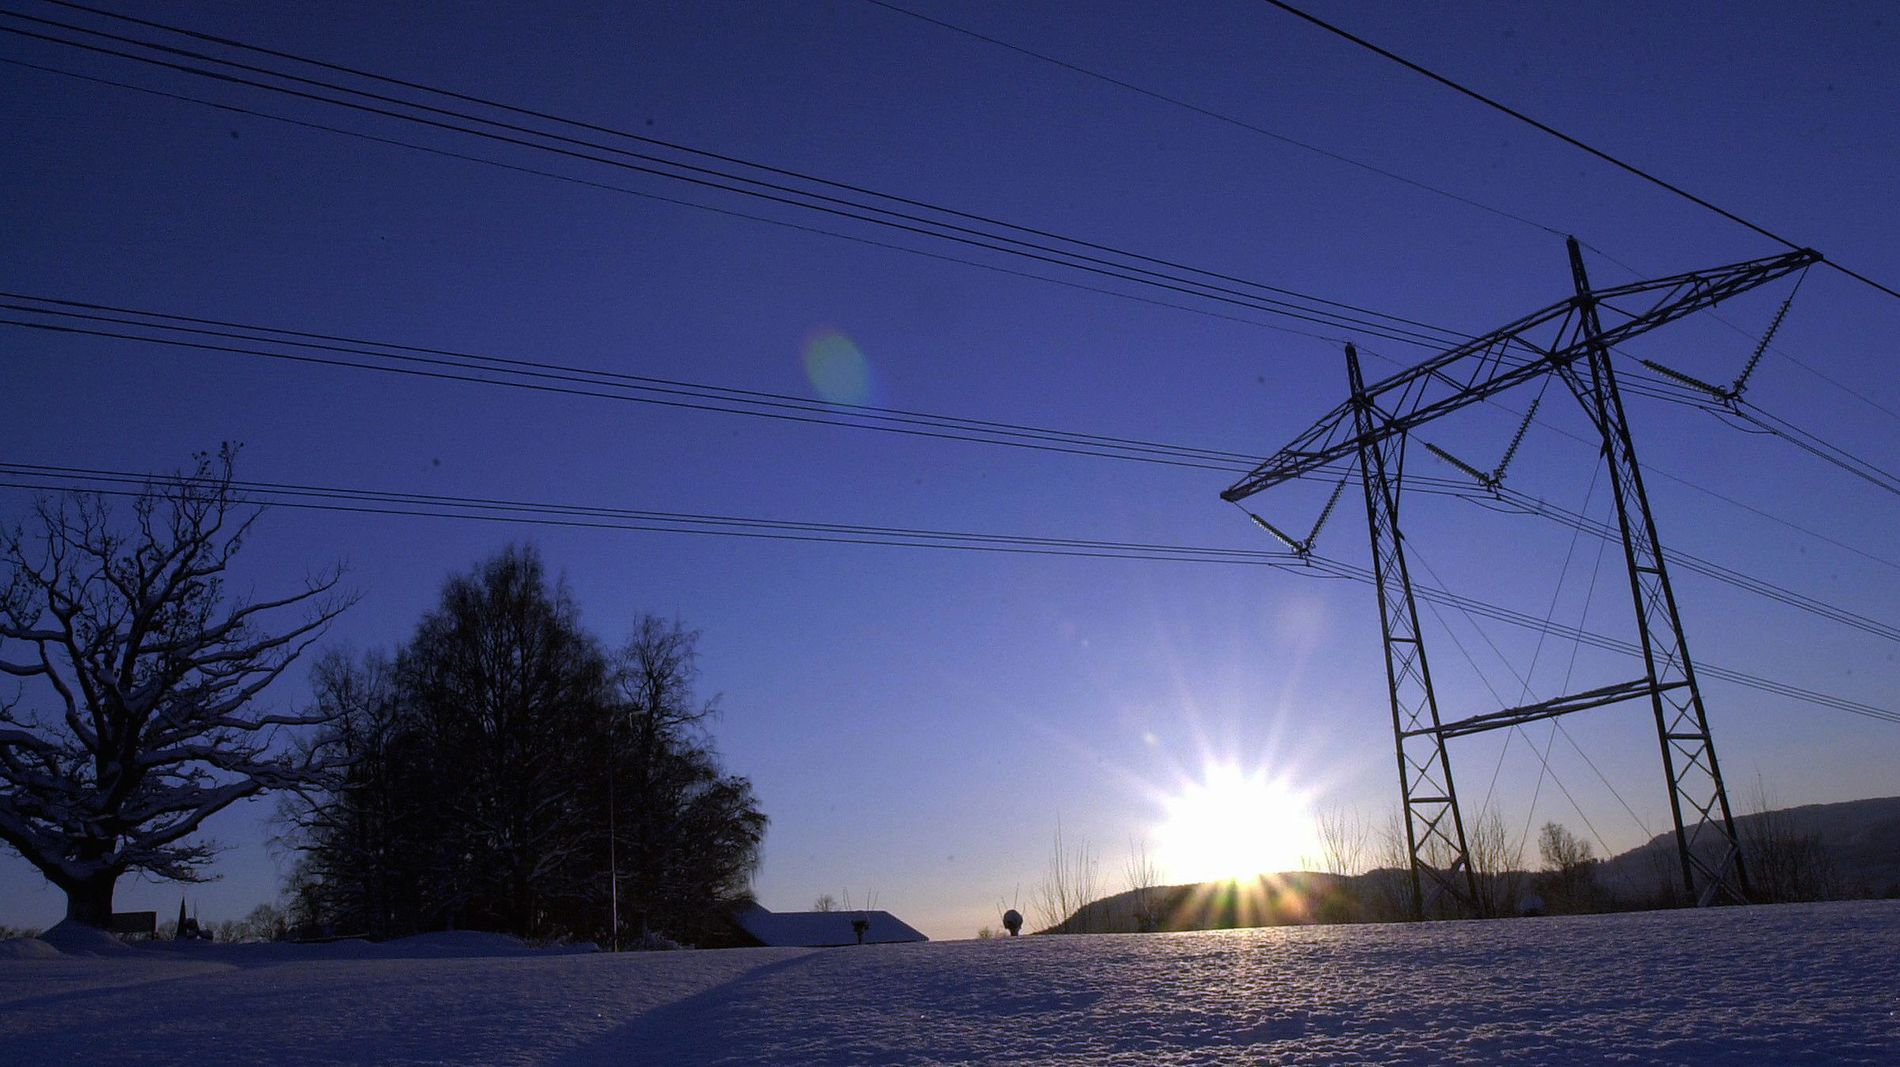 KALD VINTER: Den tørre høsten kan gi nordmenn strøm-sjokk i vinter.